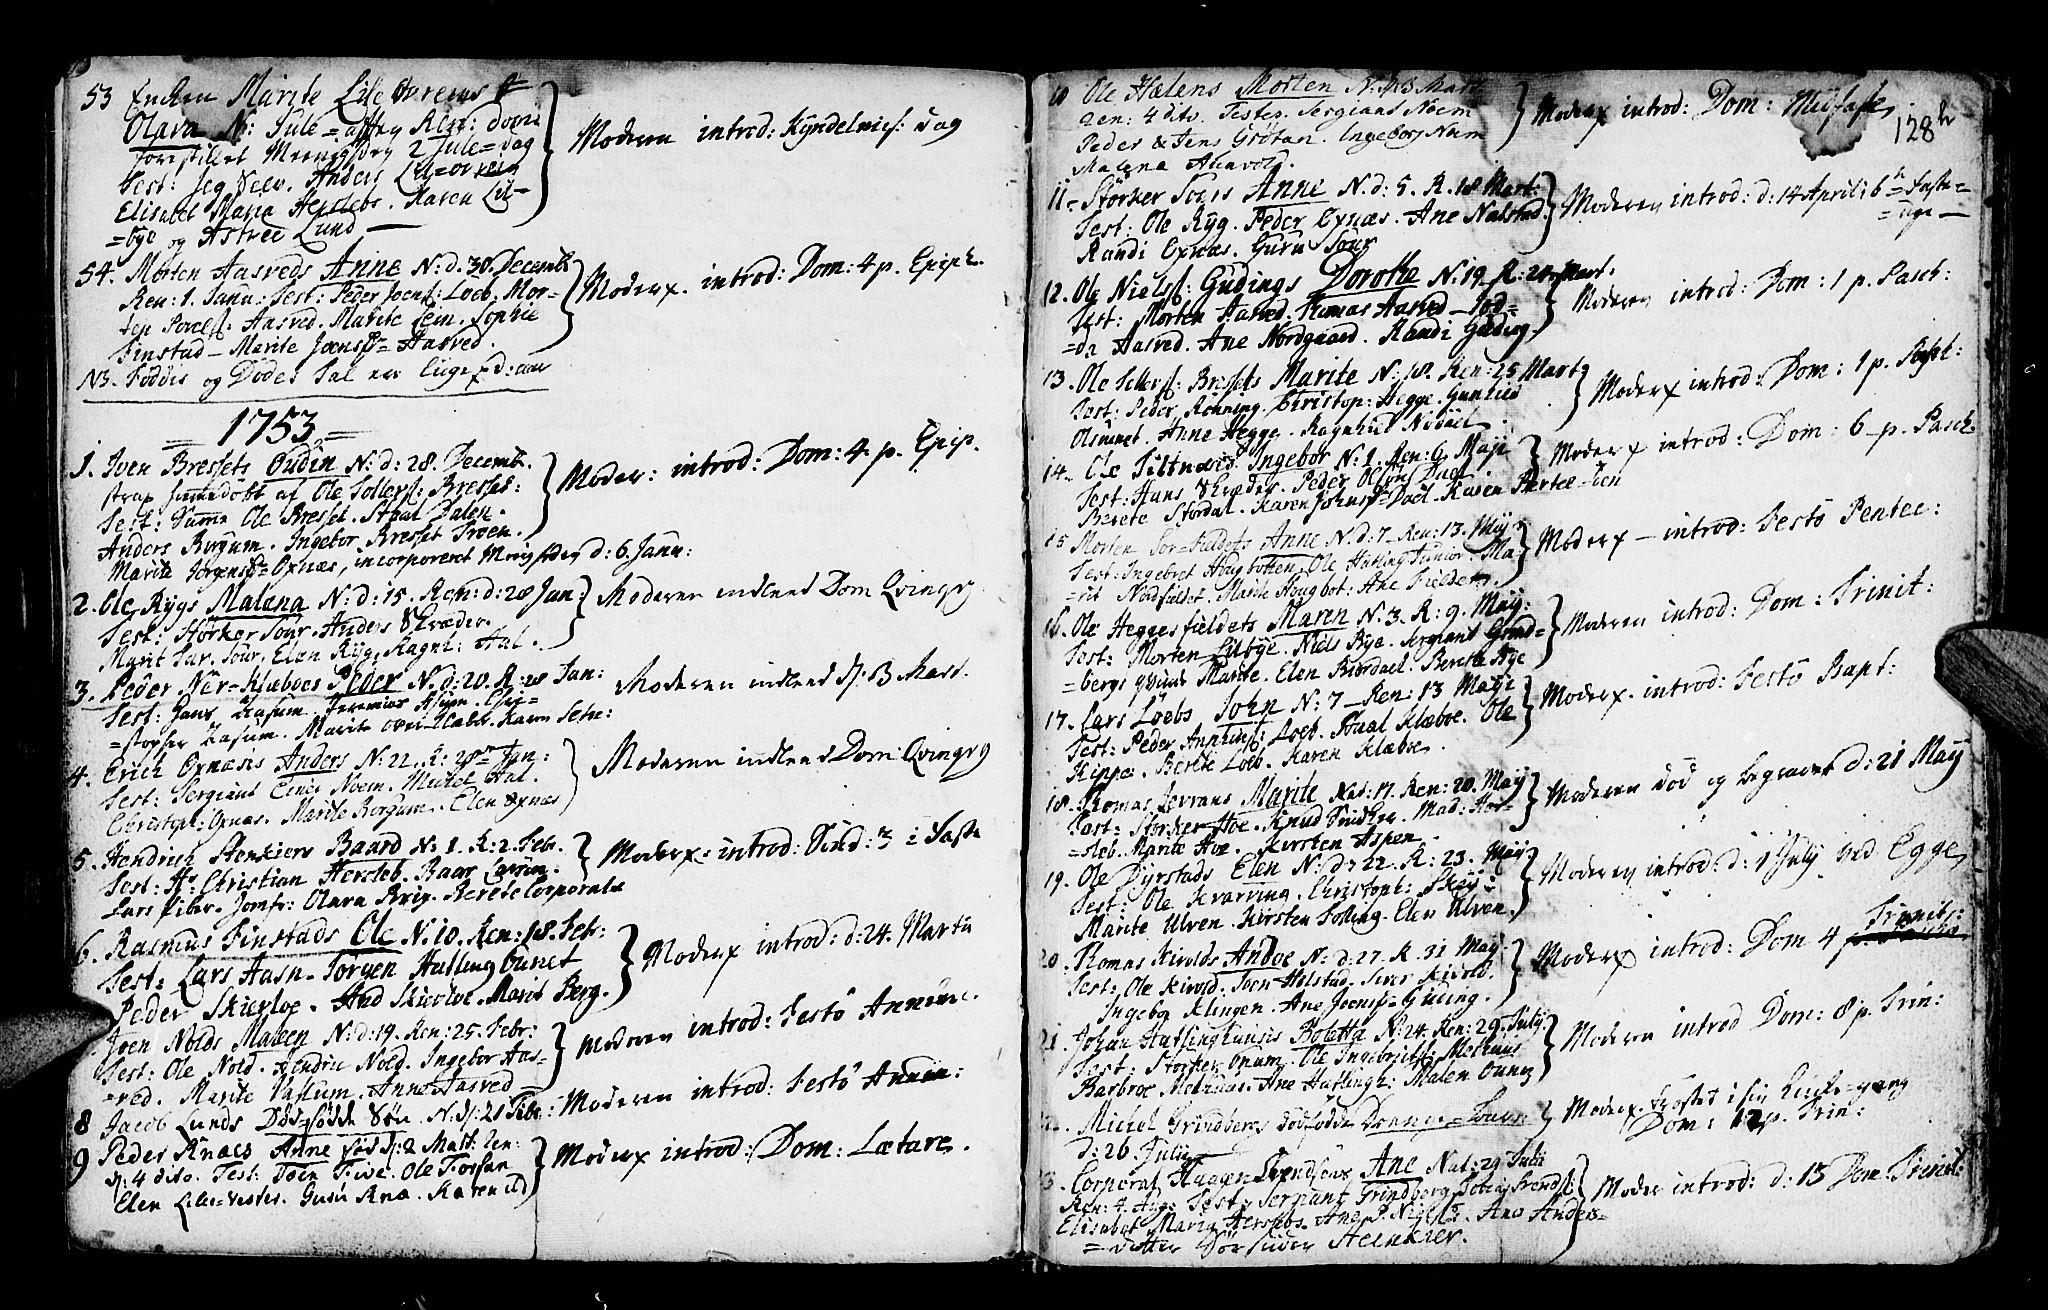 SAT, Ministerialprotokoller, klokkerbøker og fødselsregistre - Nord-Trøndelag, 746/L0439: Ministerialbok nr. 746A01, 1688-1759, s. 128h